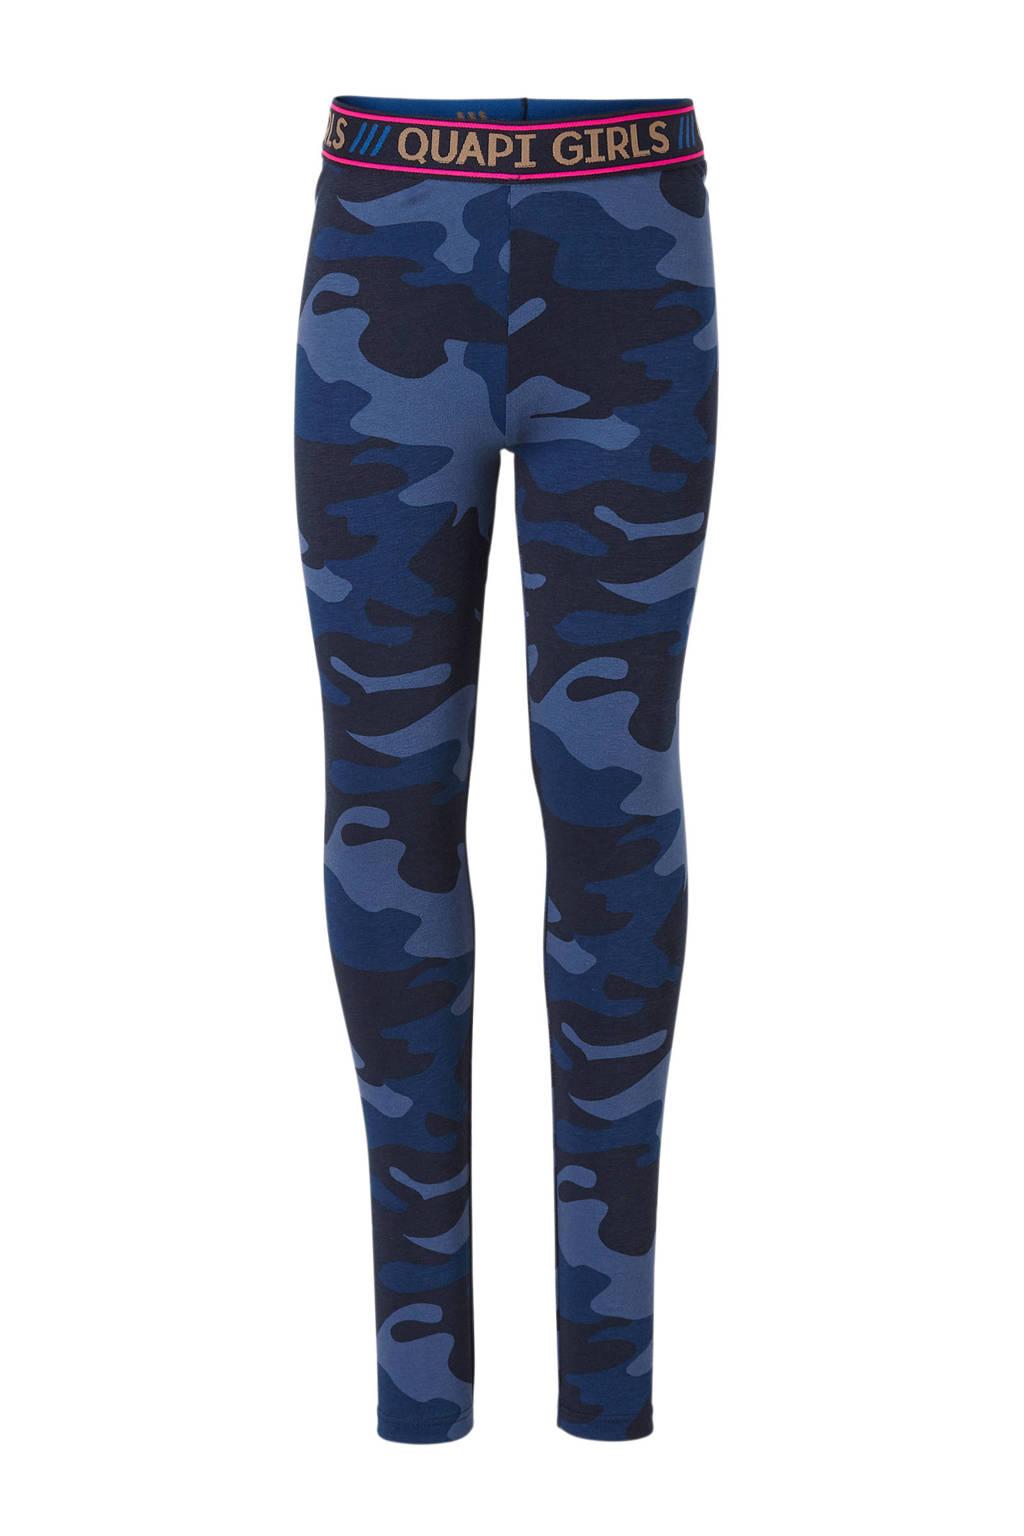 Quapi legging Lavinia 3 met camouflageprint, Donkerblauw